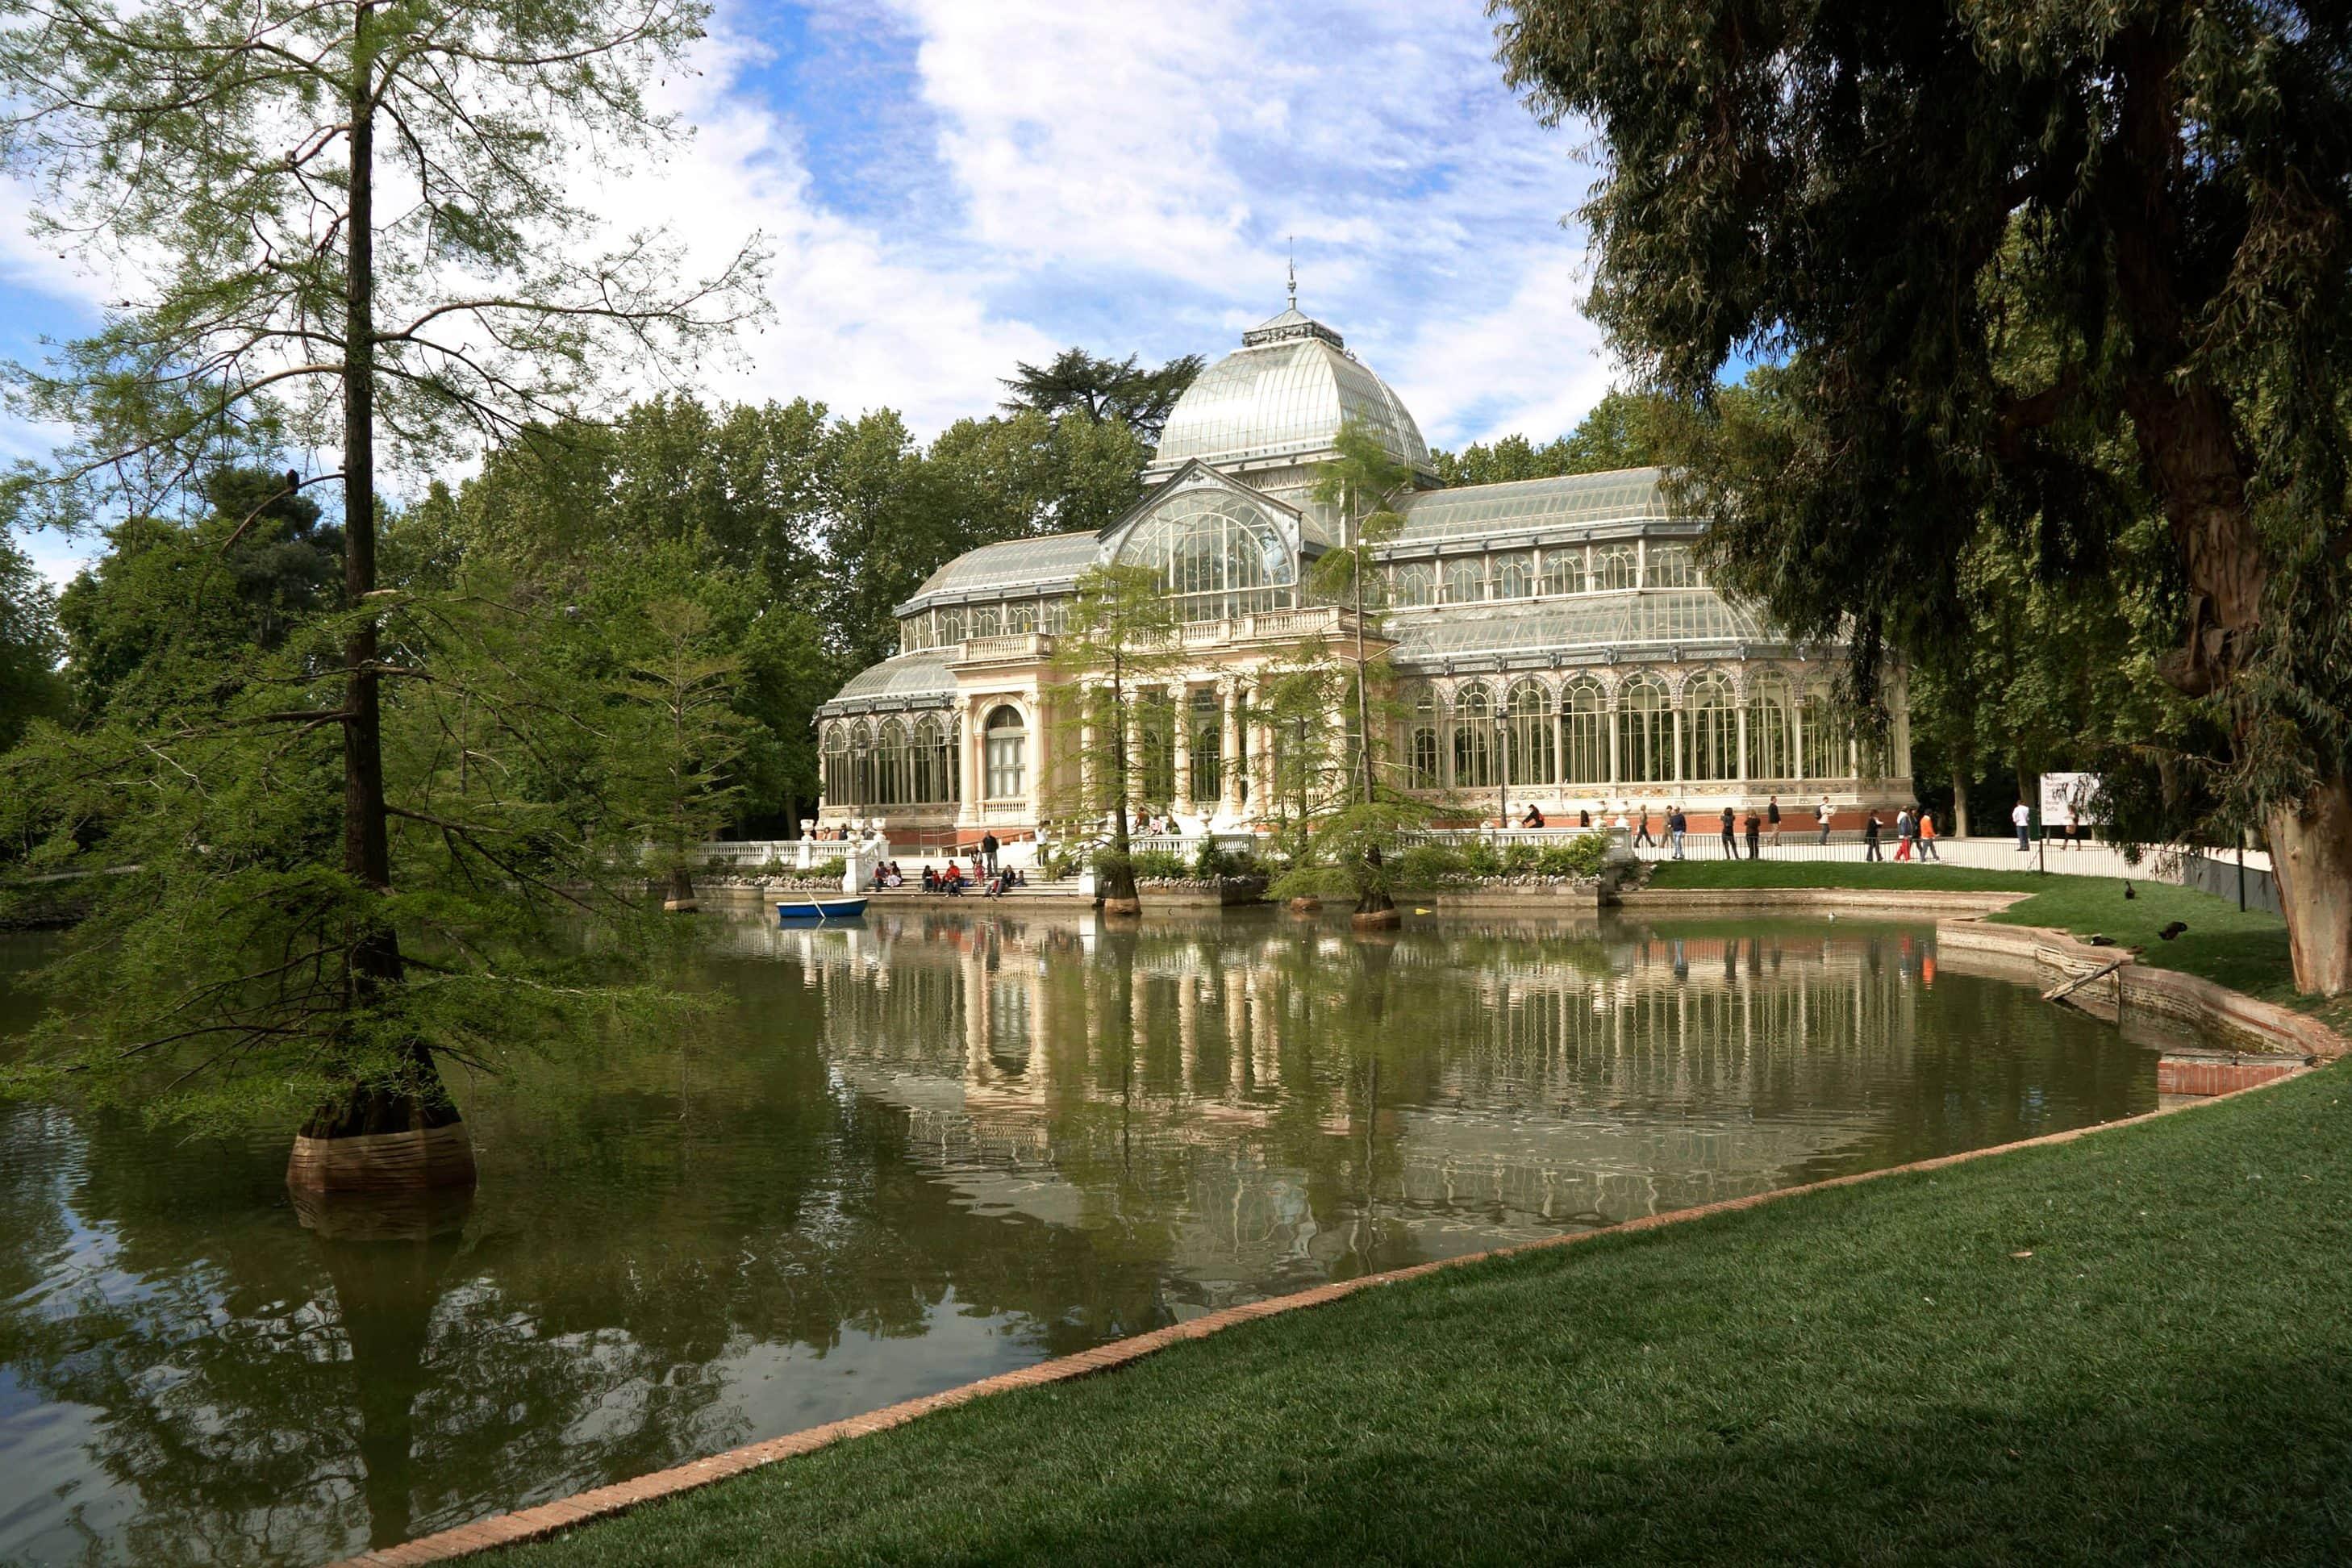 The Glass house in Retiro Park, Madrid